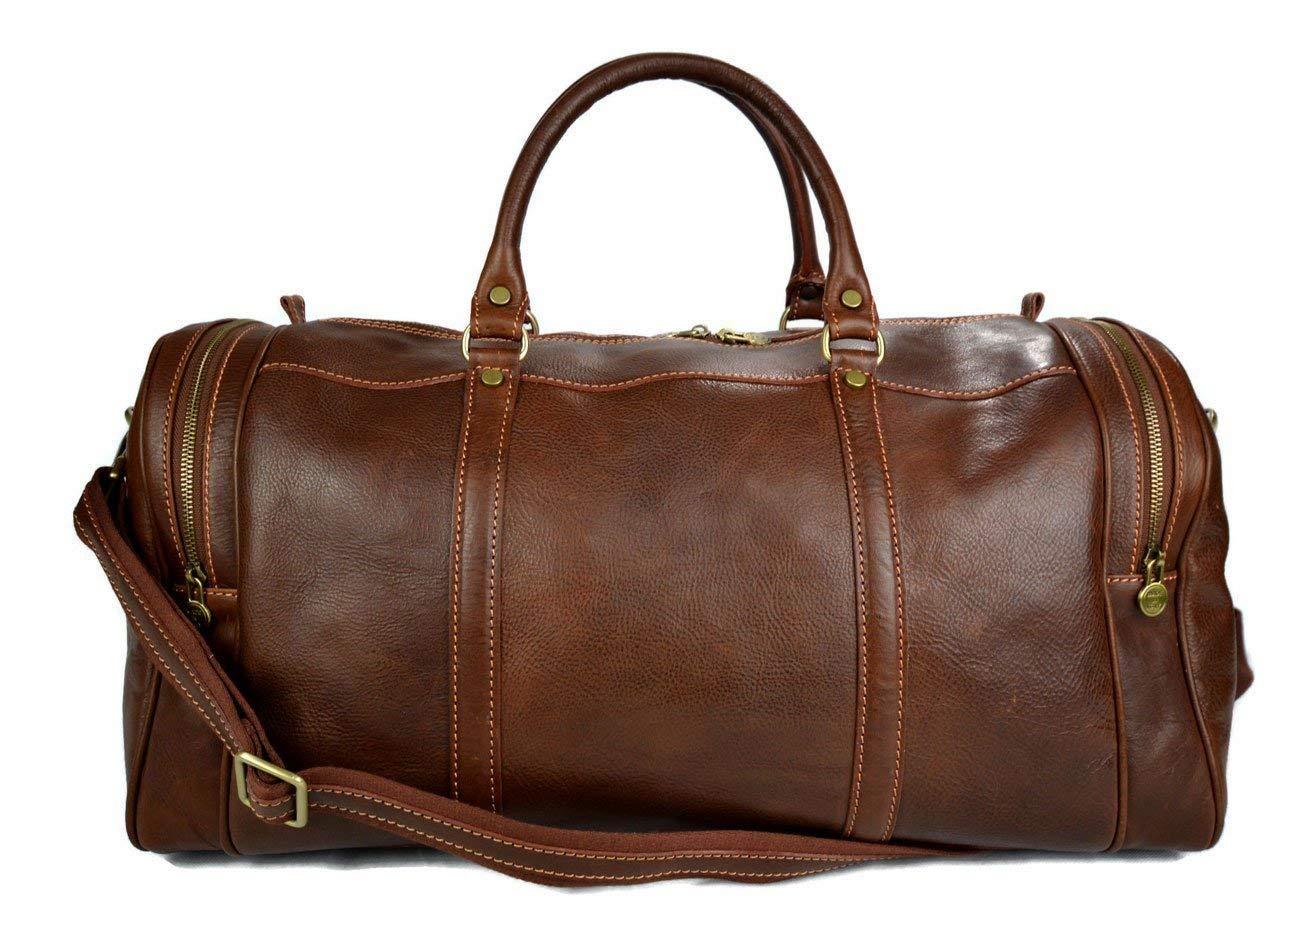 47f7a8de197ff Leder reisetasche sporttasche damen herren schultertasche ledertasche  raumbeutel matt braun